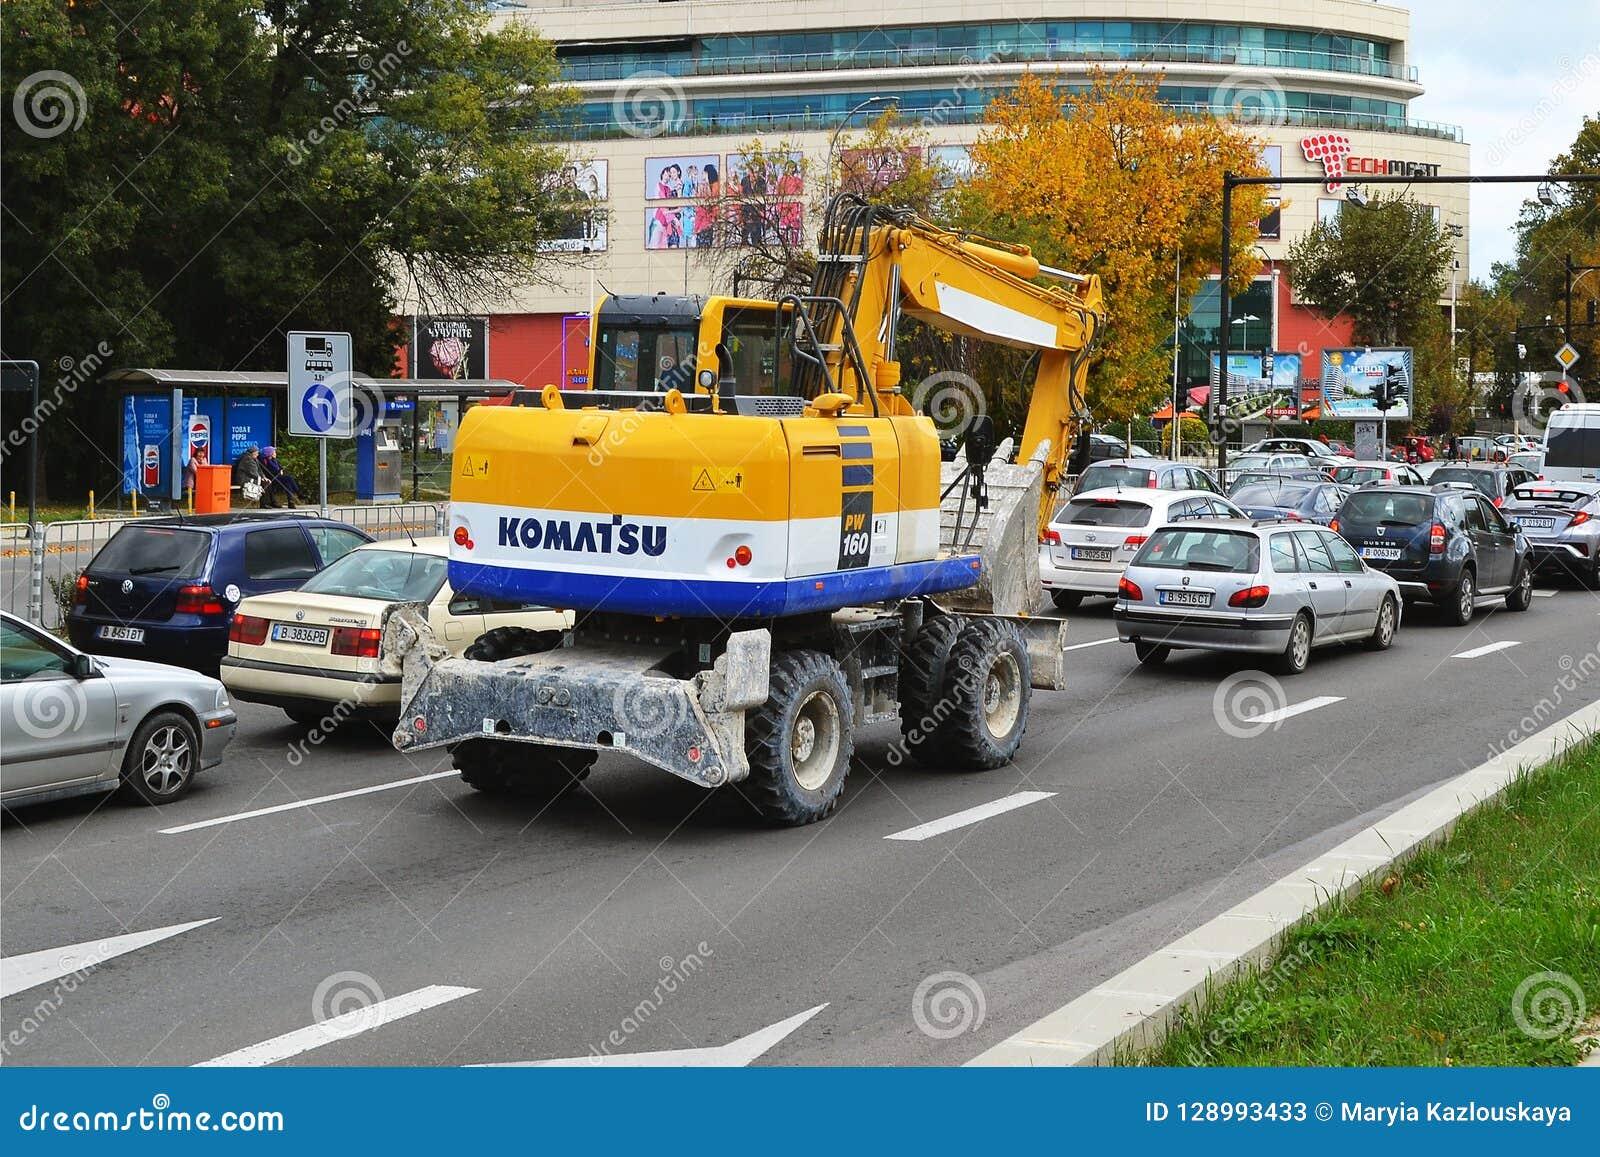 一黄色挖掘机或buldozer与weels在一条城市街道上在汽车中在一天